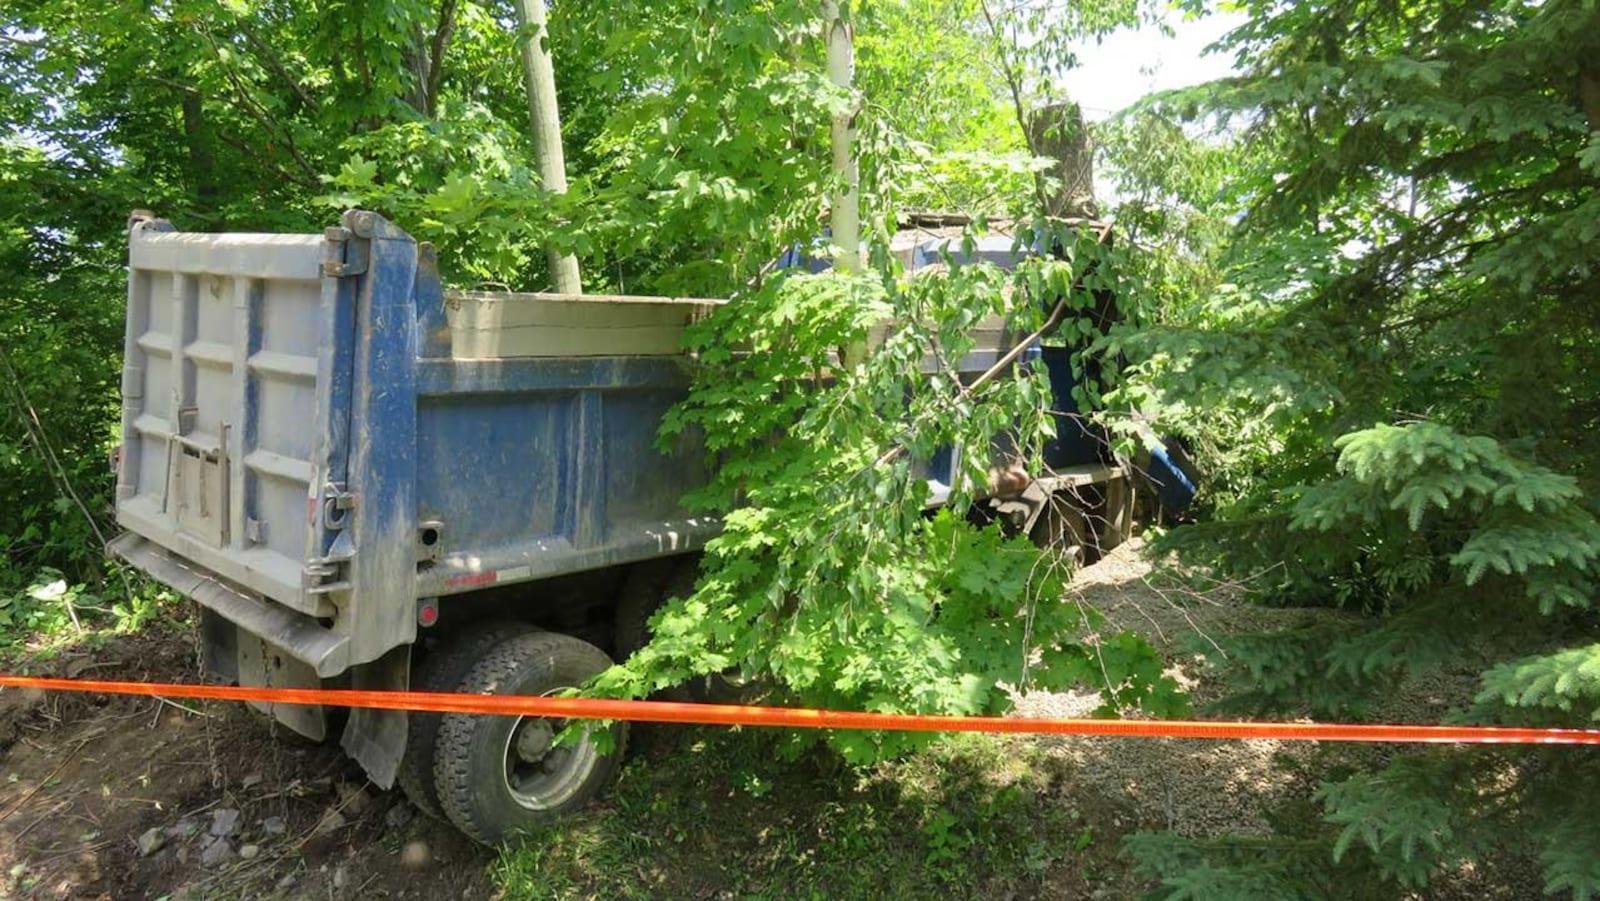 Le travailleur était à bord de ce camion lorsque le drame s'est produit.